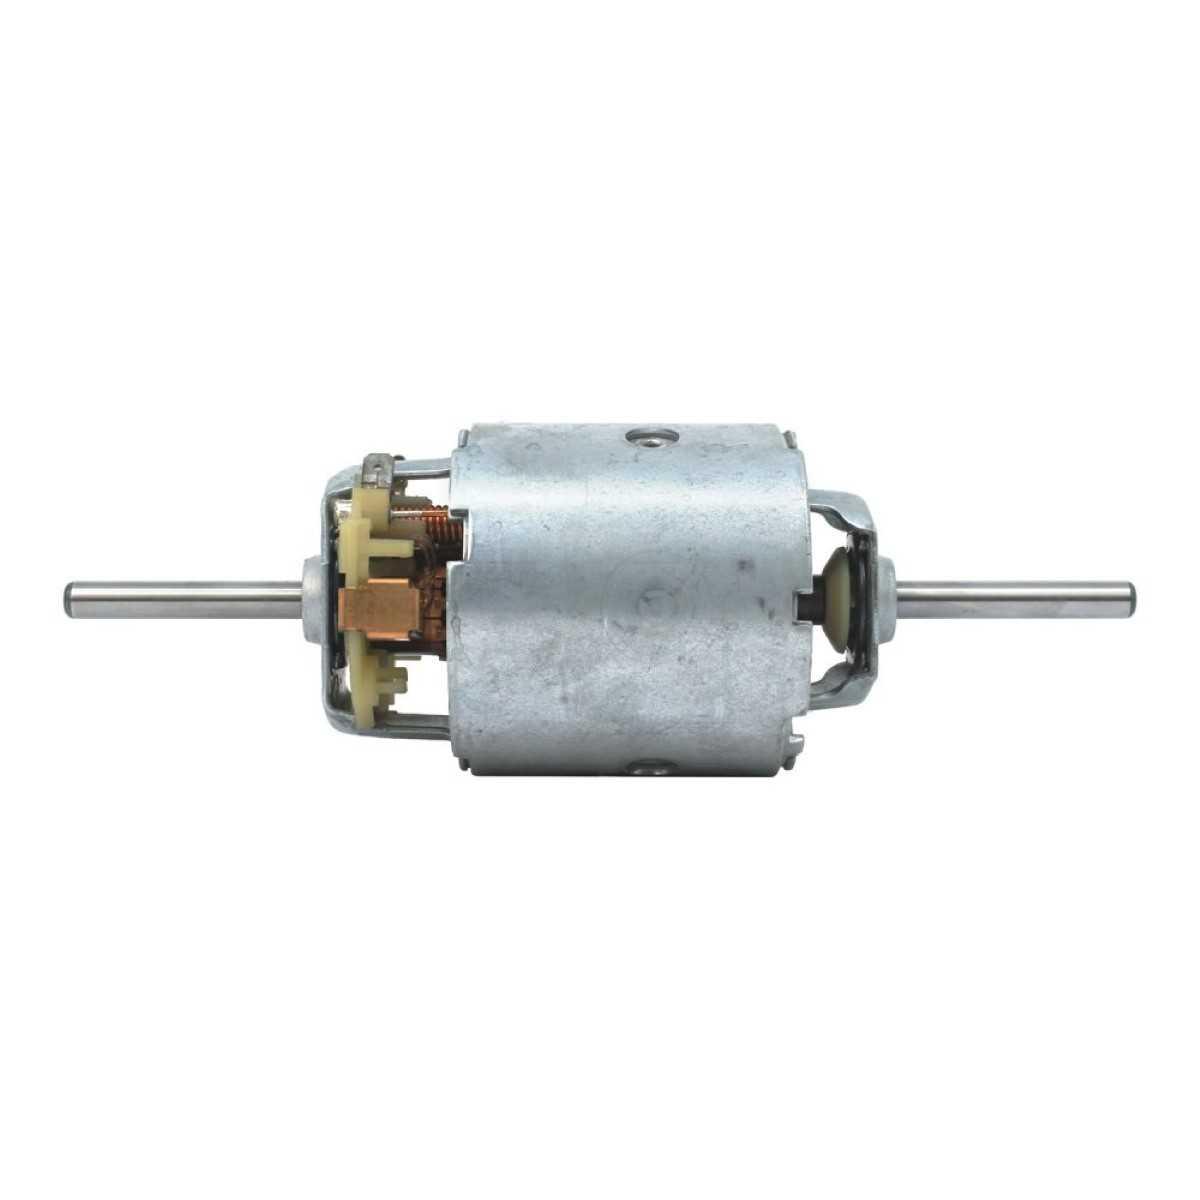 Motor Caixa Evaporadora Massey Ferguson 6350/6360 12V Oem-3310831M91/0130111003